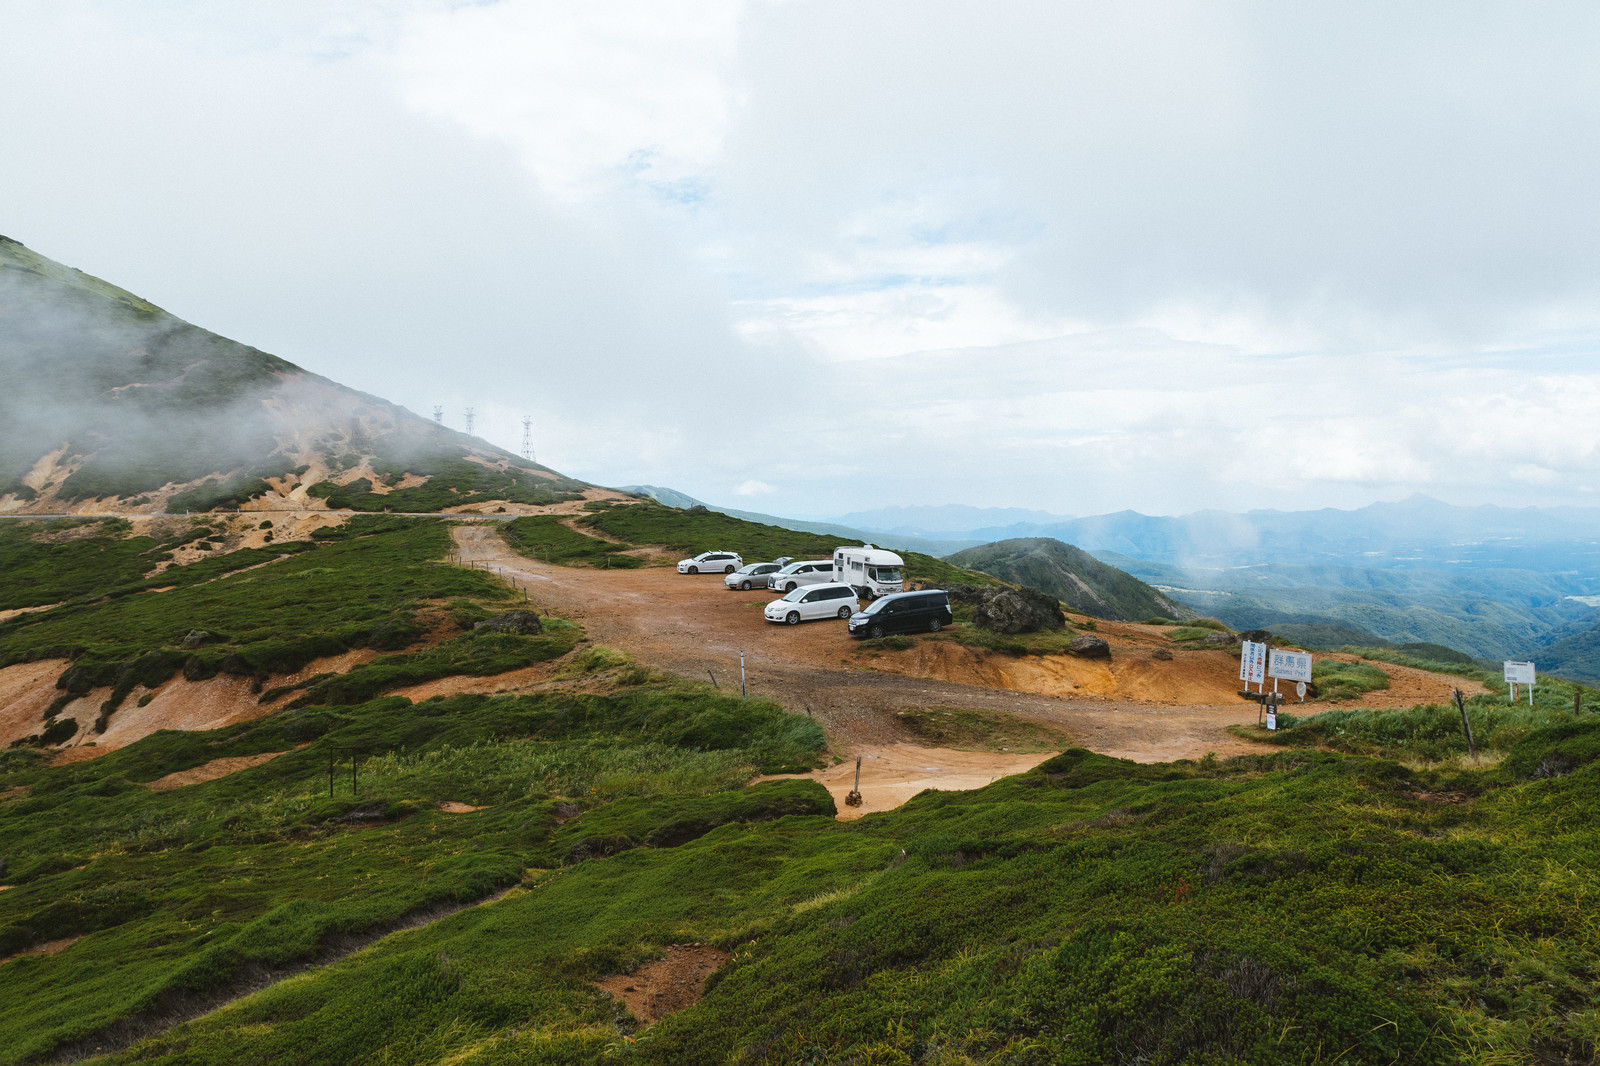 「毛無峠の頂上付近駐車場」の写真